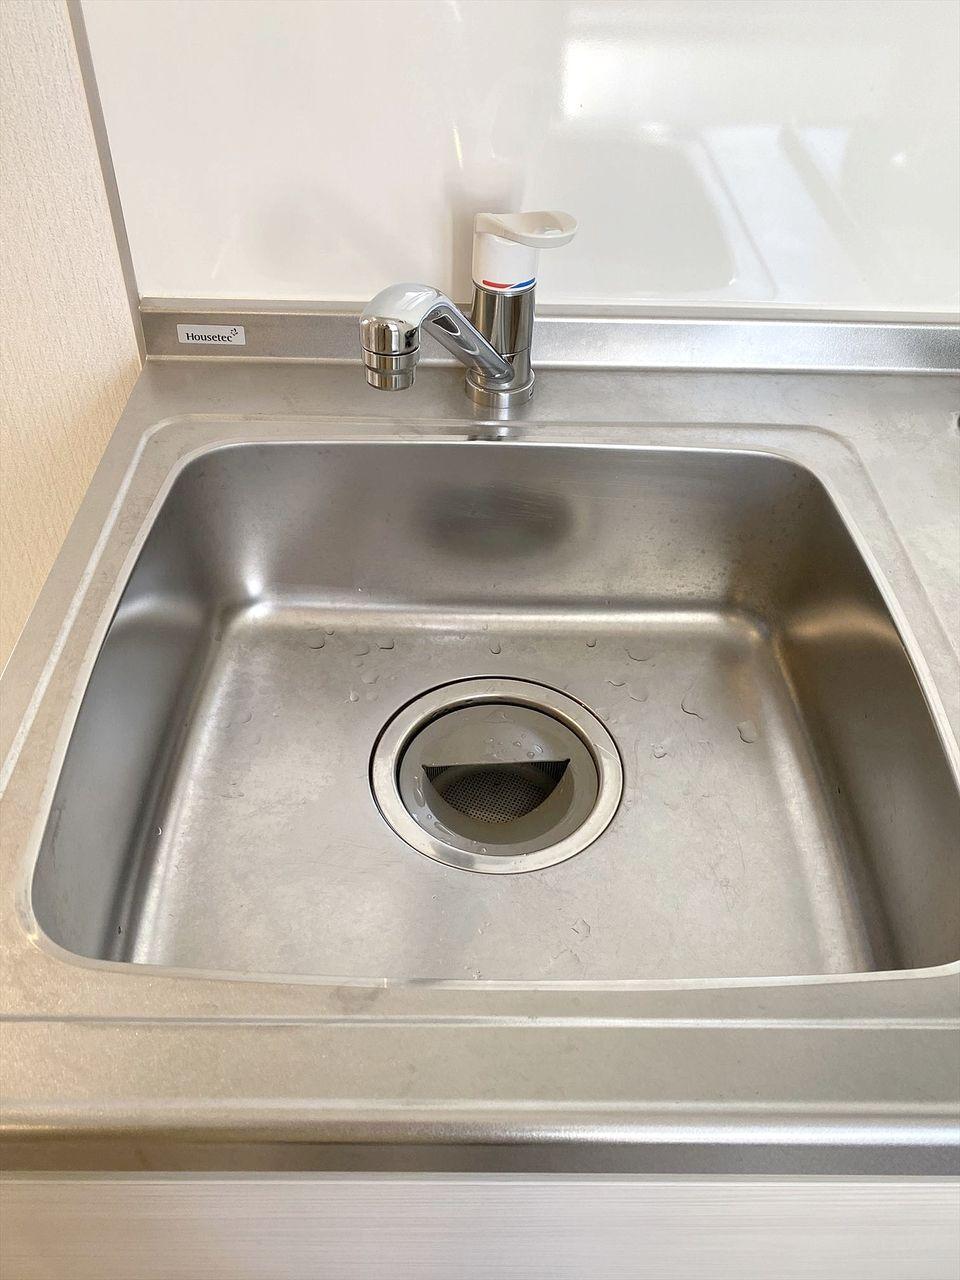 豊島区千早の賃貸マンション オーレ池袋西 キッチンのシンク 綺麗です